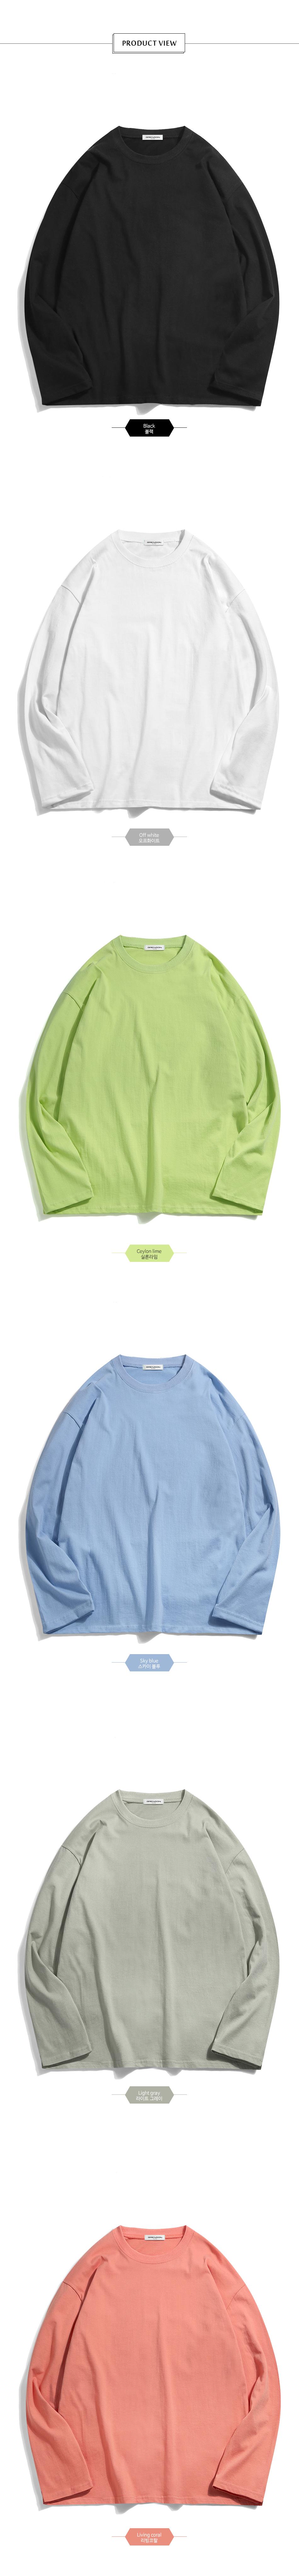 브렌슨 (1+1) 20s 코튼 essential 오버핏 롱슬리브 티셔츠 6컬러